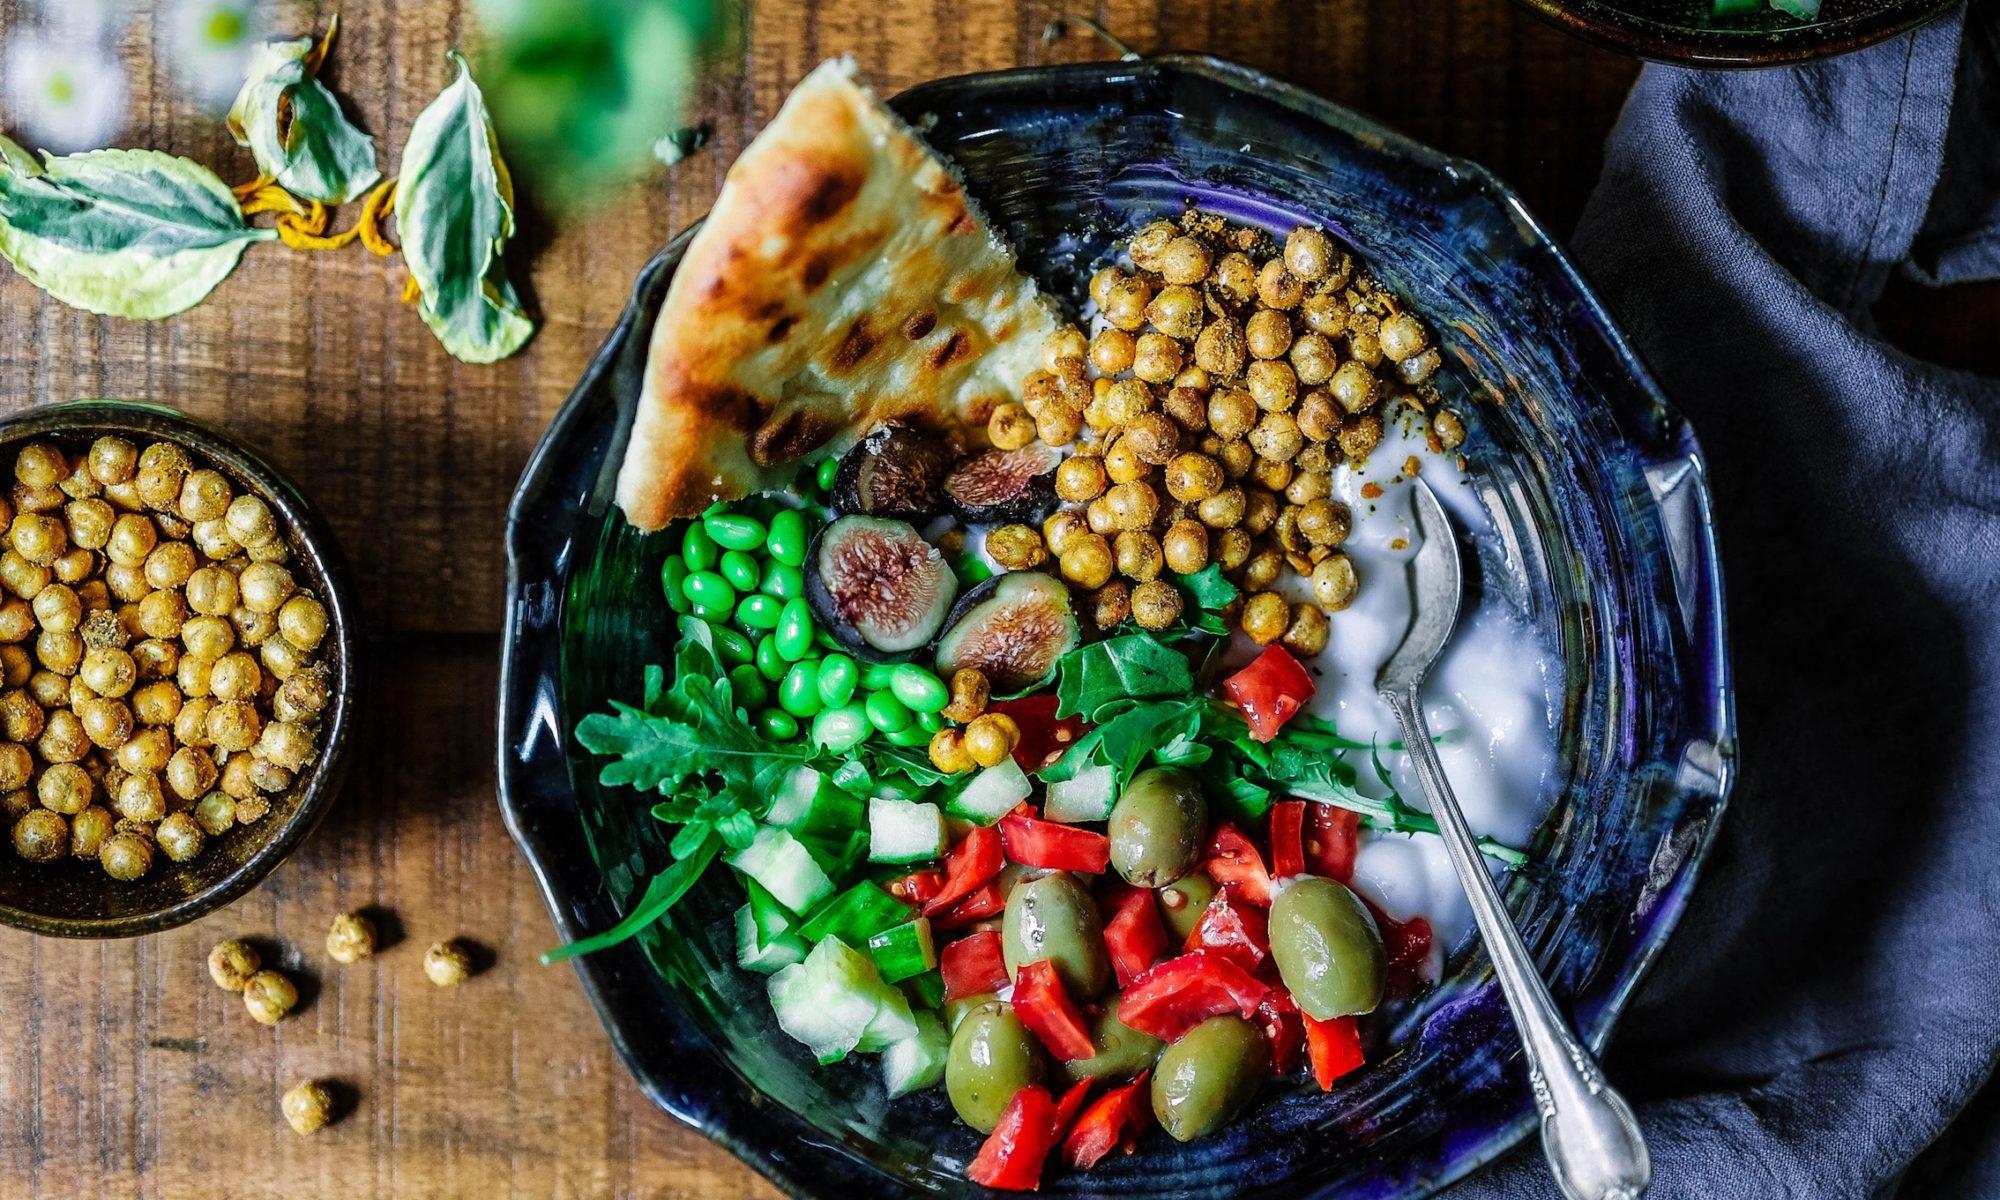 Salat aus Oliven, Gurken, Kichererbsen mit etwas Joghurt und einem Stück Fladenbrot in einer blauen Schüssel. die auf einer Holzoberfläche steht.